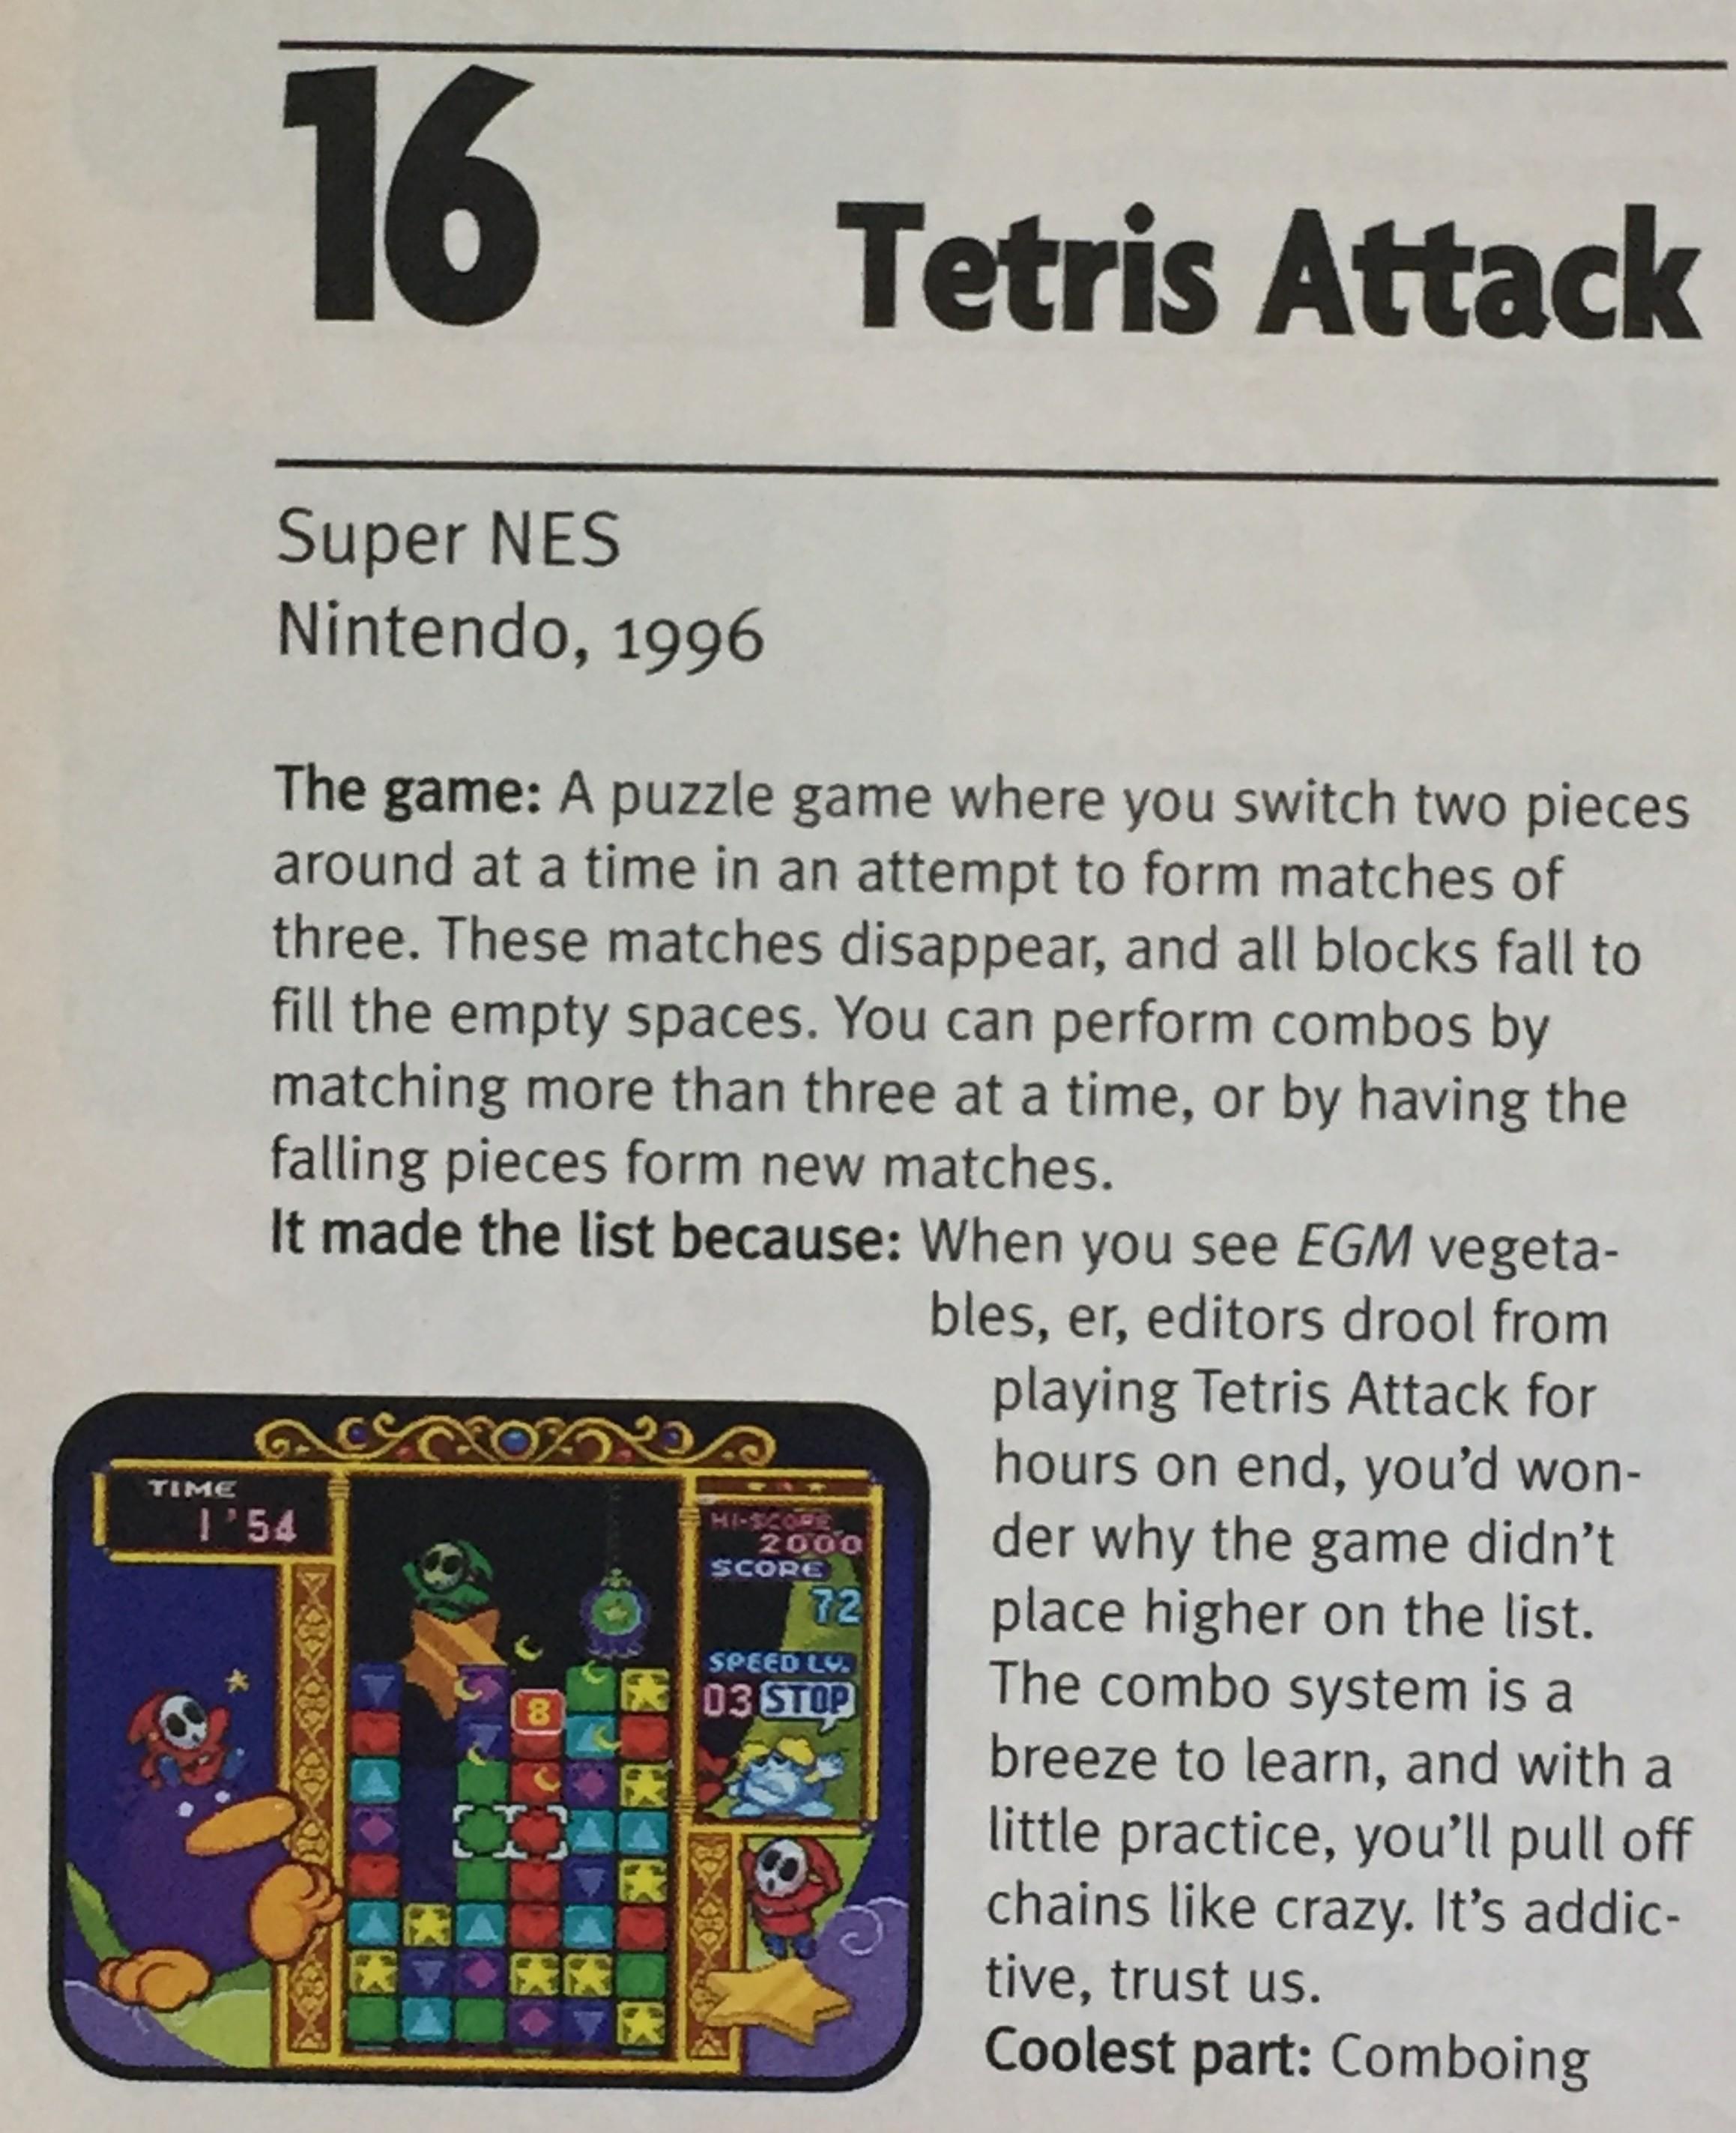 TetAtt100